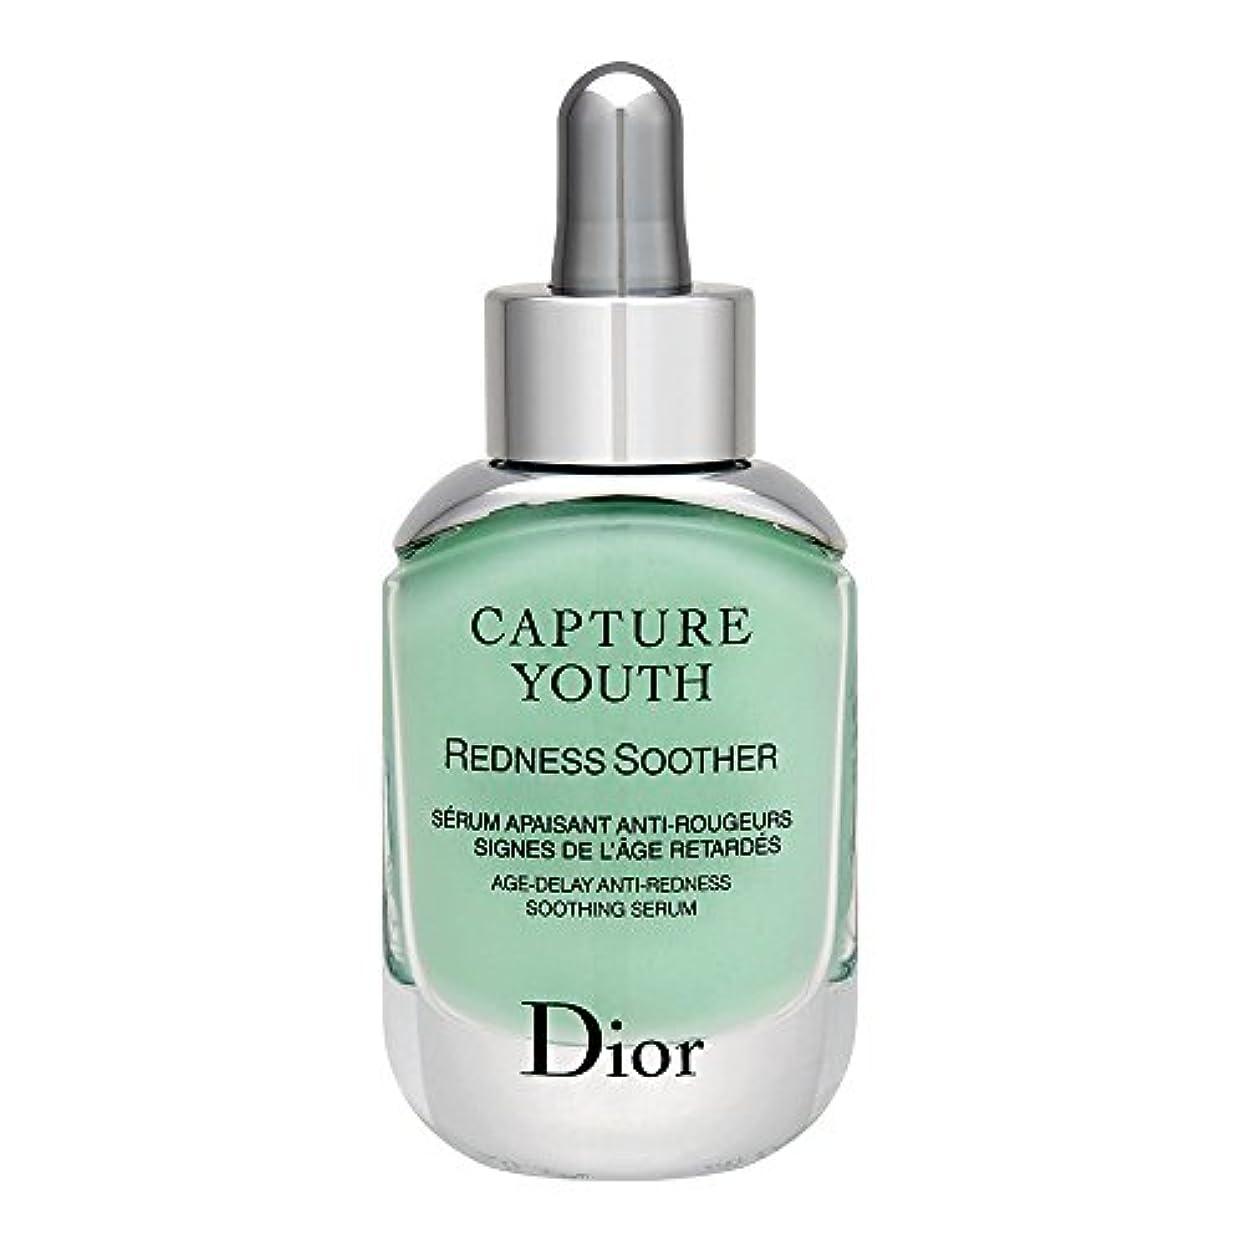 配管工包帯ロマンチッククリスチャンディオール Christian Dior カプチュール ユース レッドネス ミニマイザー 30mL [並行輸入品]